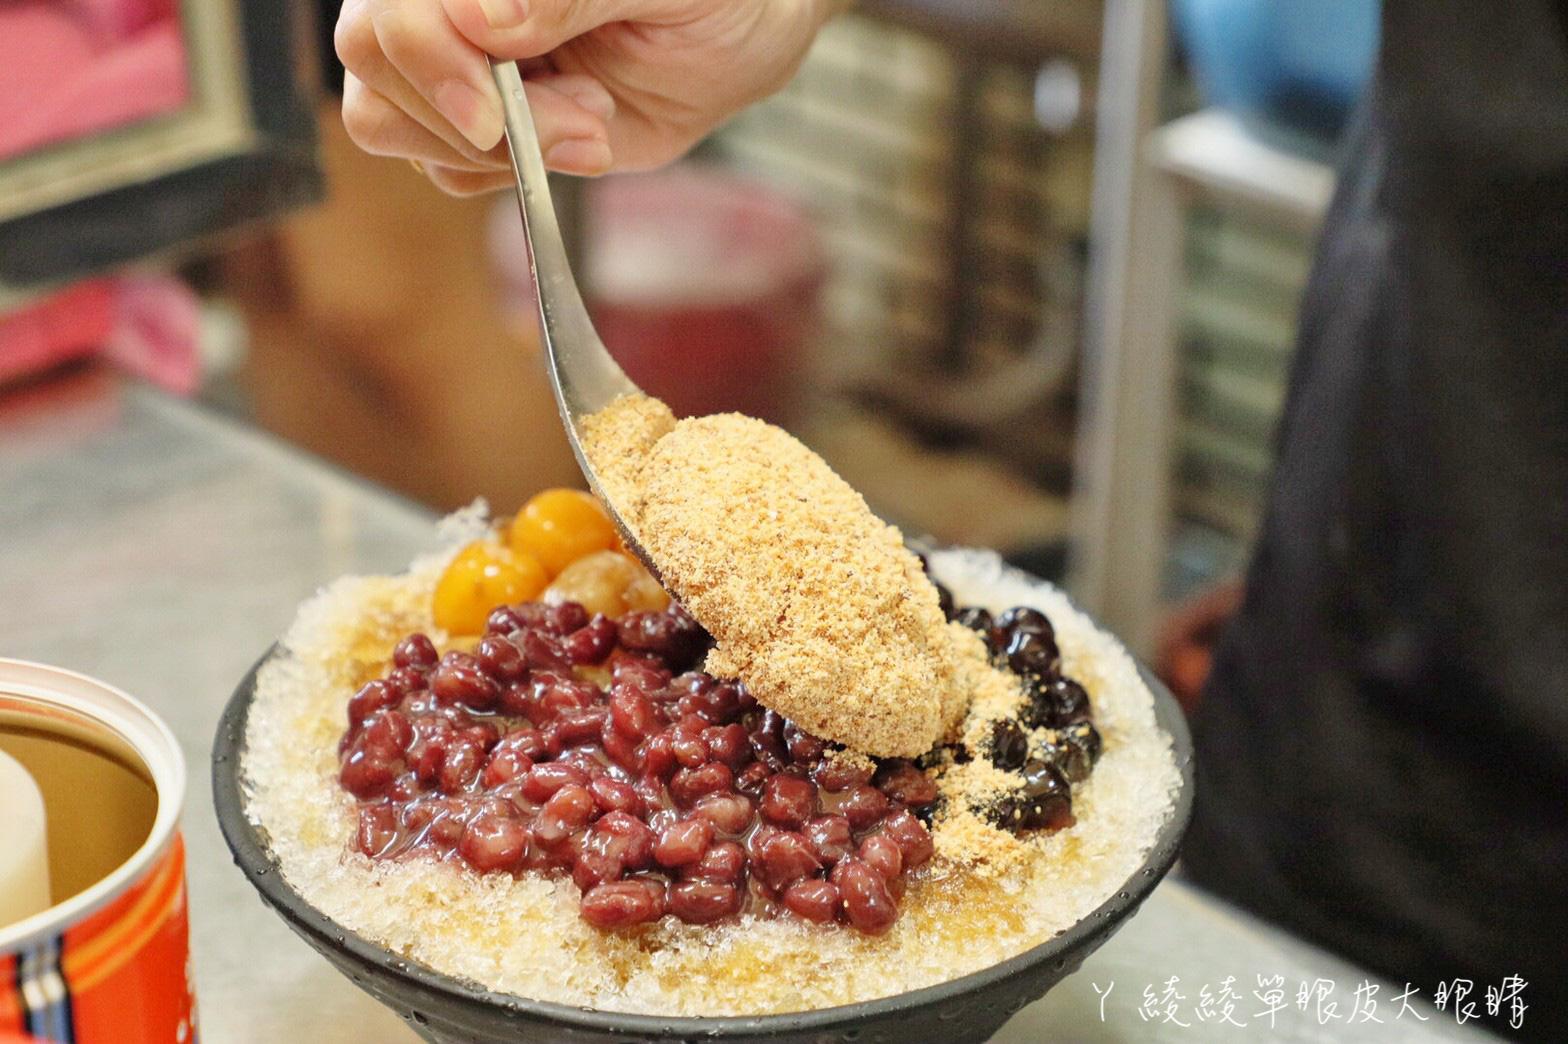 苗栗頭份美食推薦|當日現點現做包餡麻糬一顆15元,燒麻糬一份30元!必吃超大碗的燒冷冰